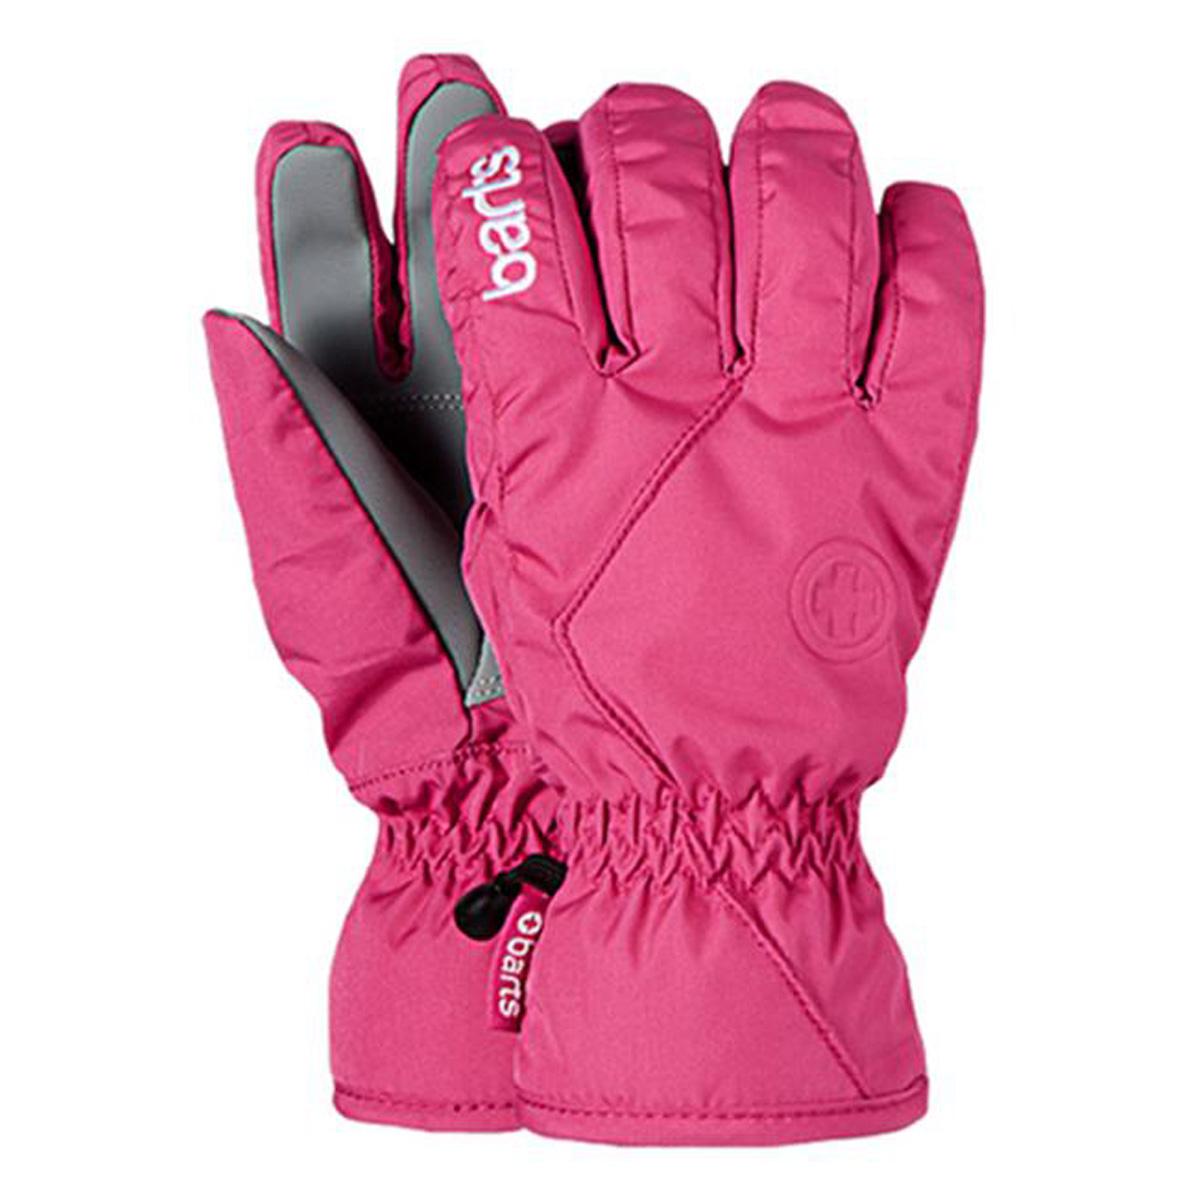 638124d6a52 Barts Basic Skihandschoenen Kinderen ROZE online kopen bij Sportpaleis.